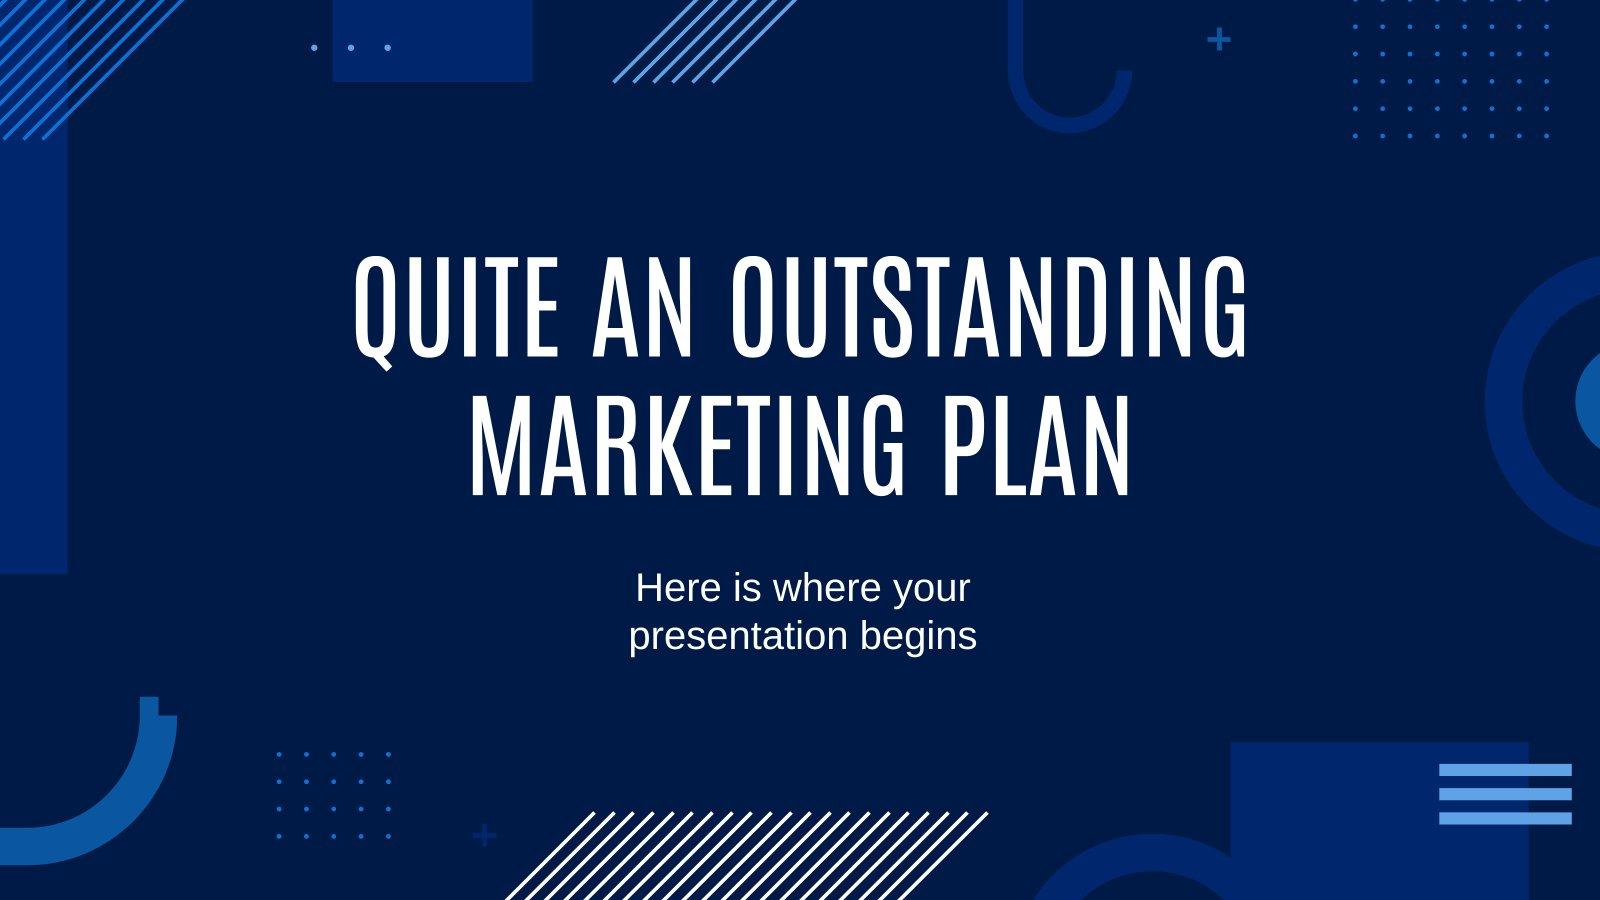 Ein narrensicherer Marketingplan Präsentationsvorlage